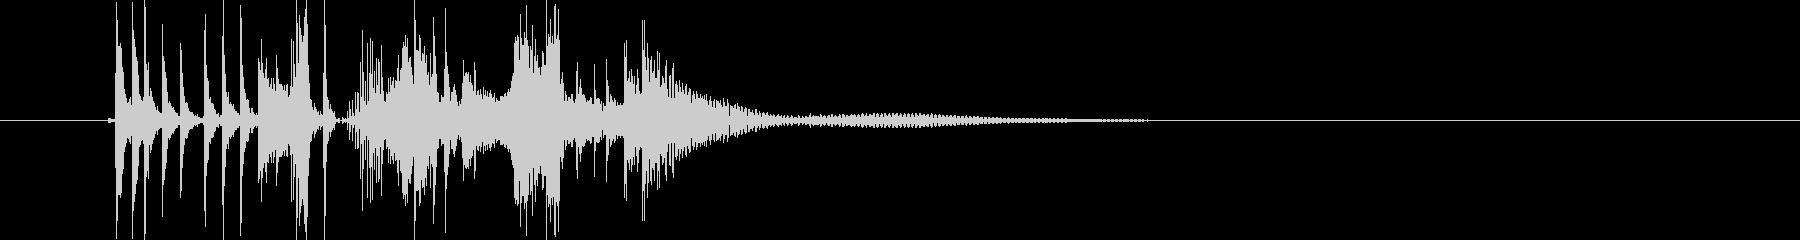 キュルルルドン!ドラムの音を高速再生の未再生の波形